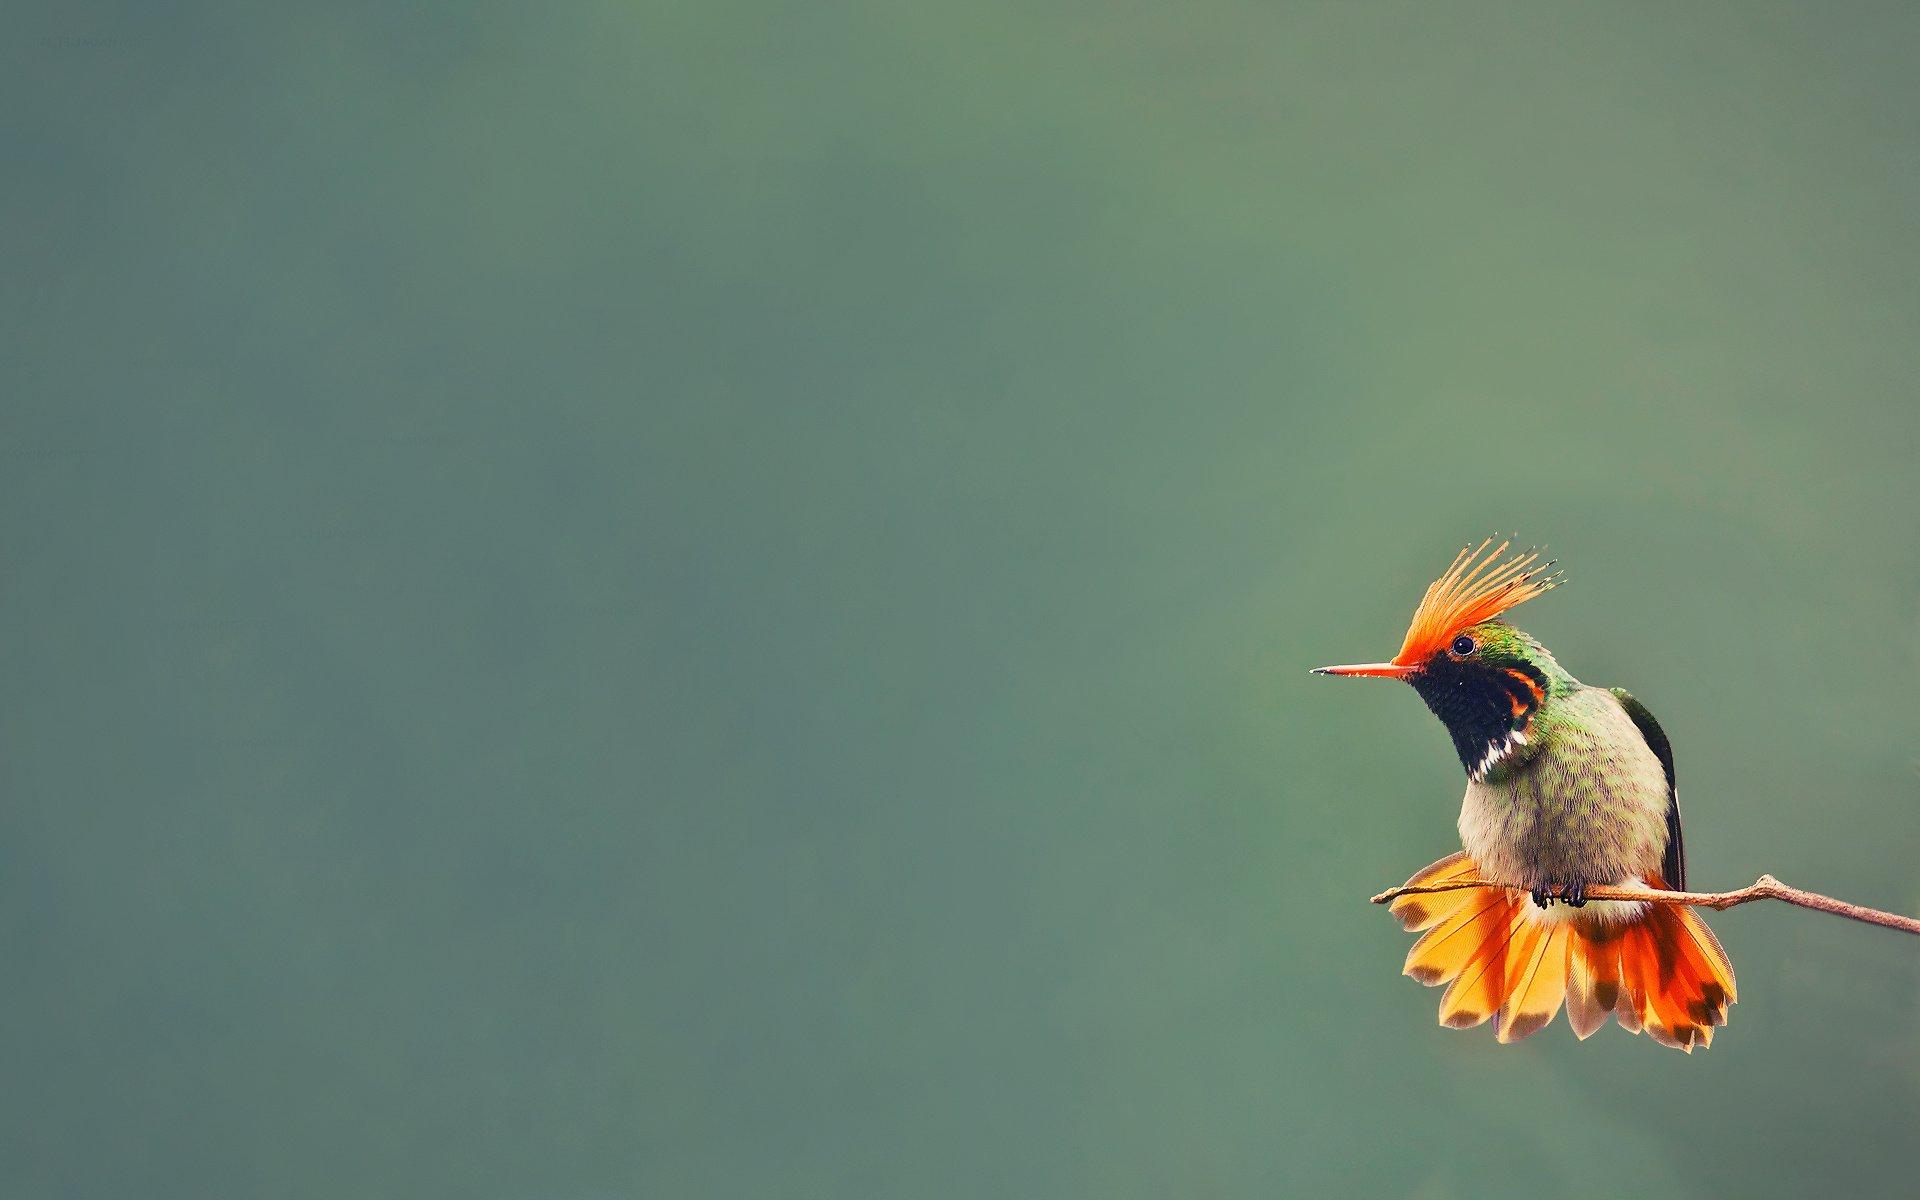 птица природа ветка колибри  № 1994303 бесплатно